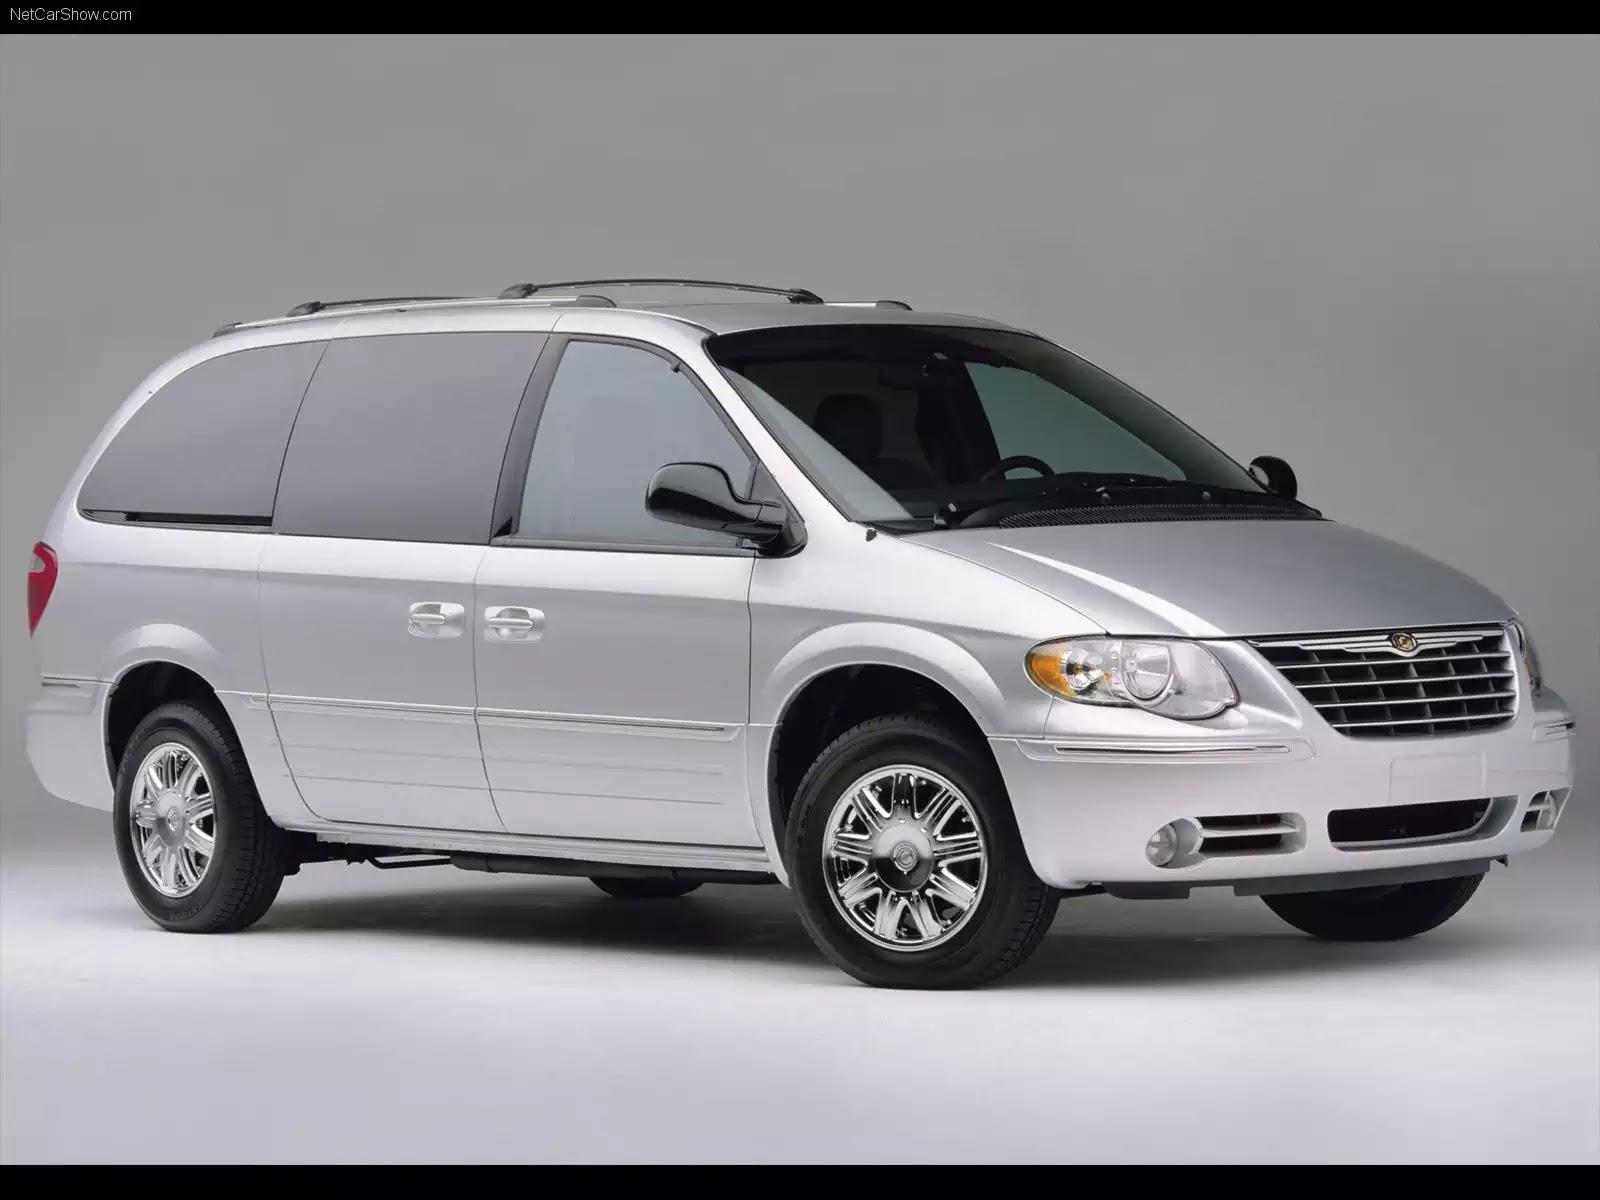 Hình ảnh xe ô tô Chrysler Town and Country 2005 & nội ngoại thất